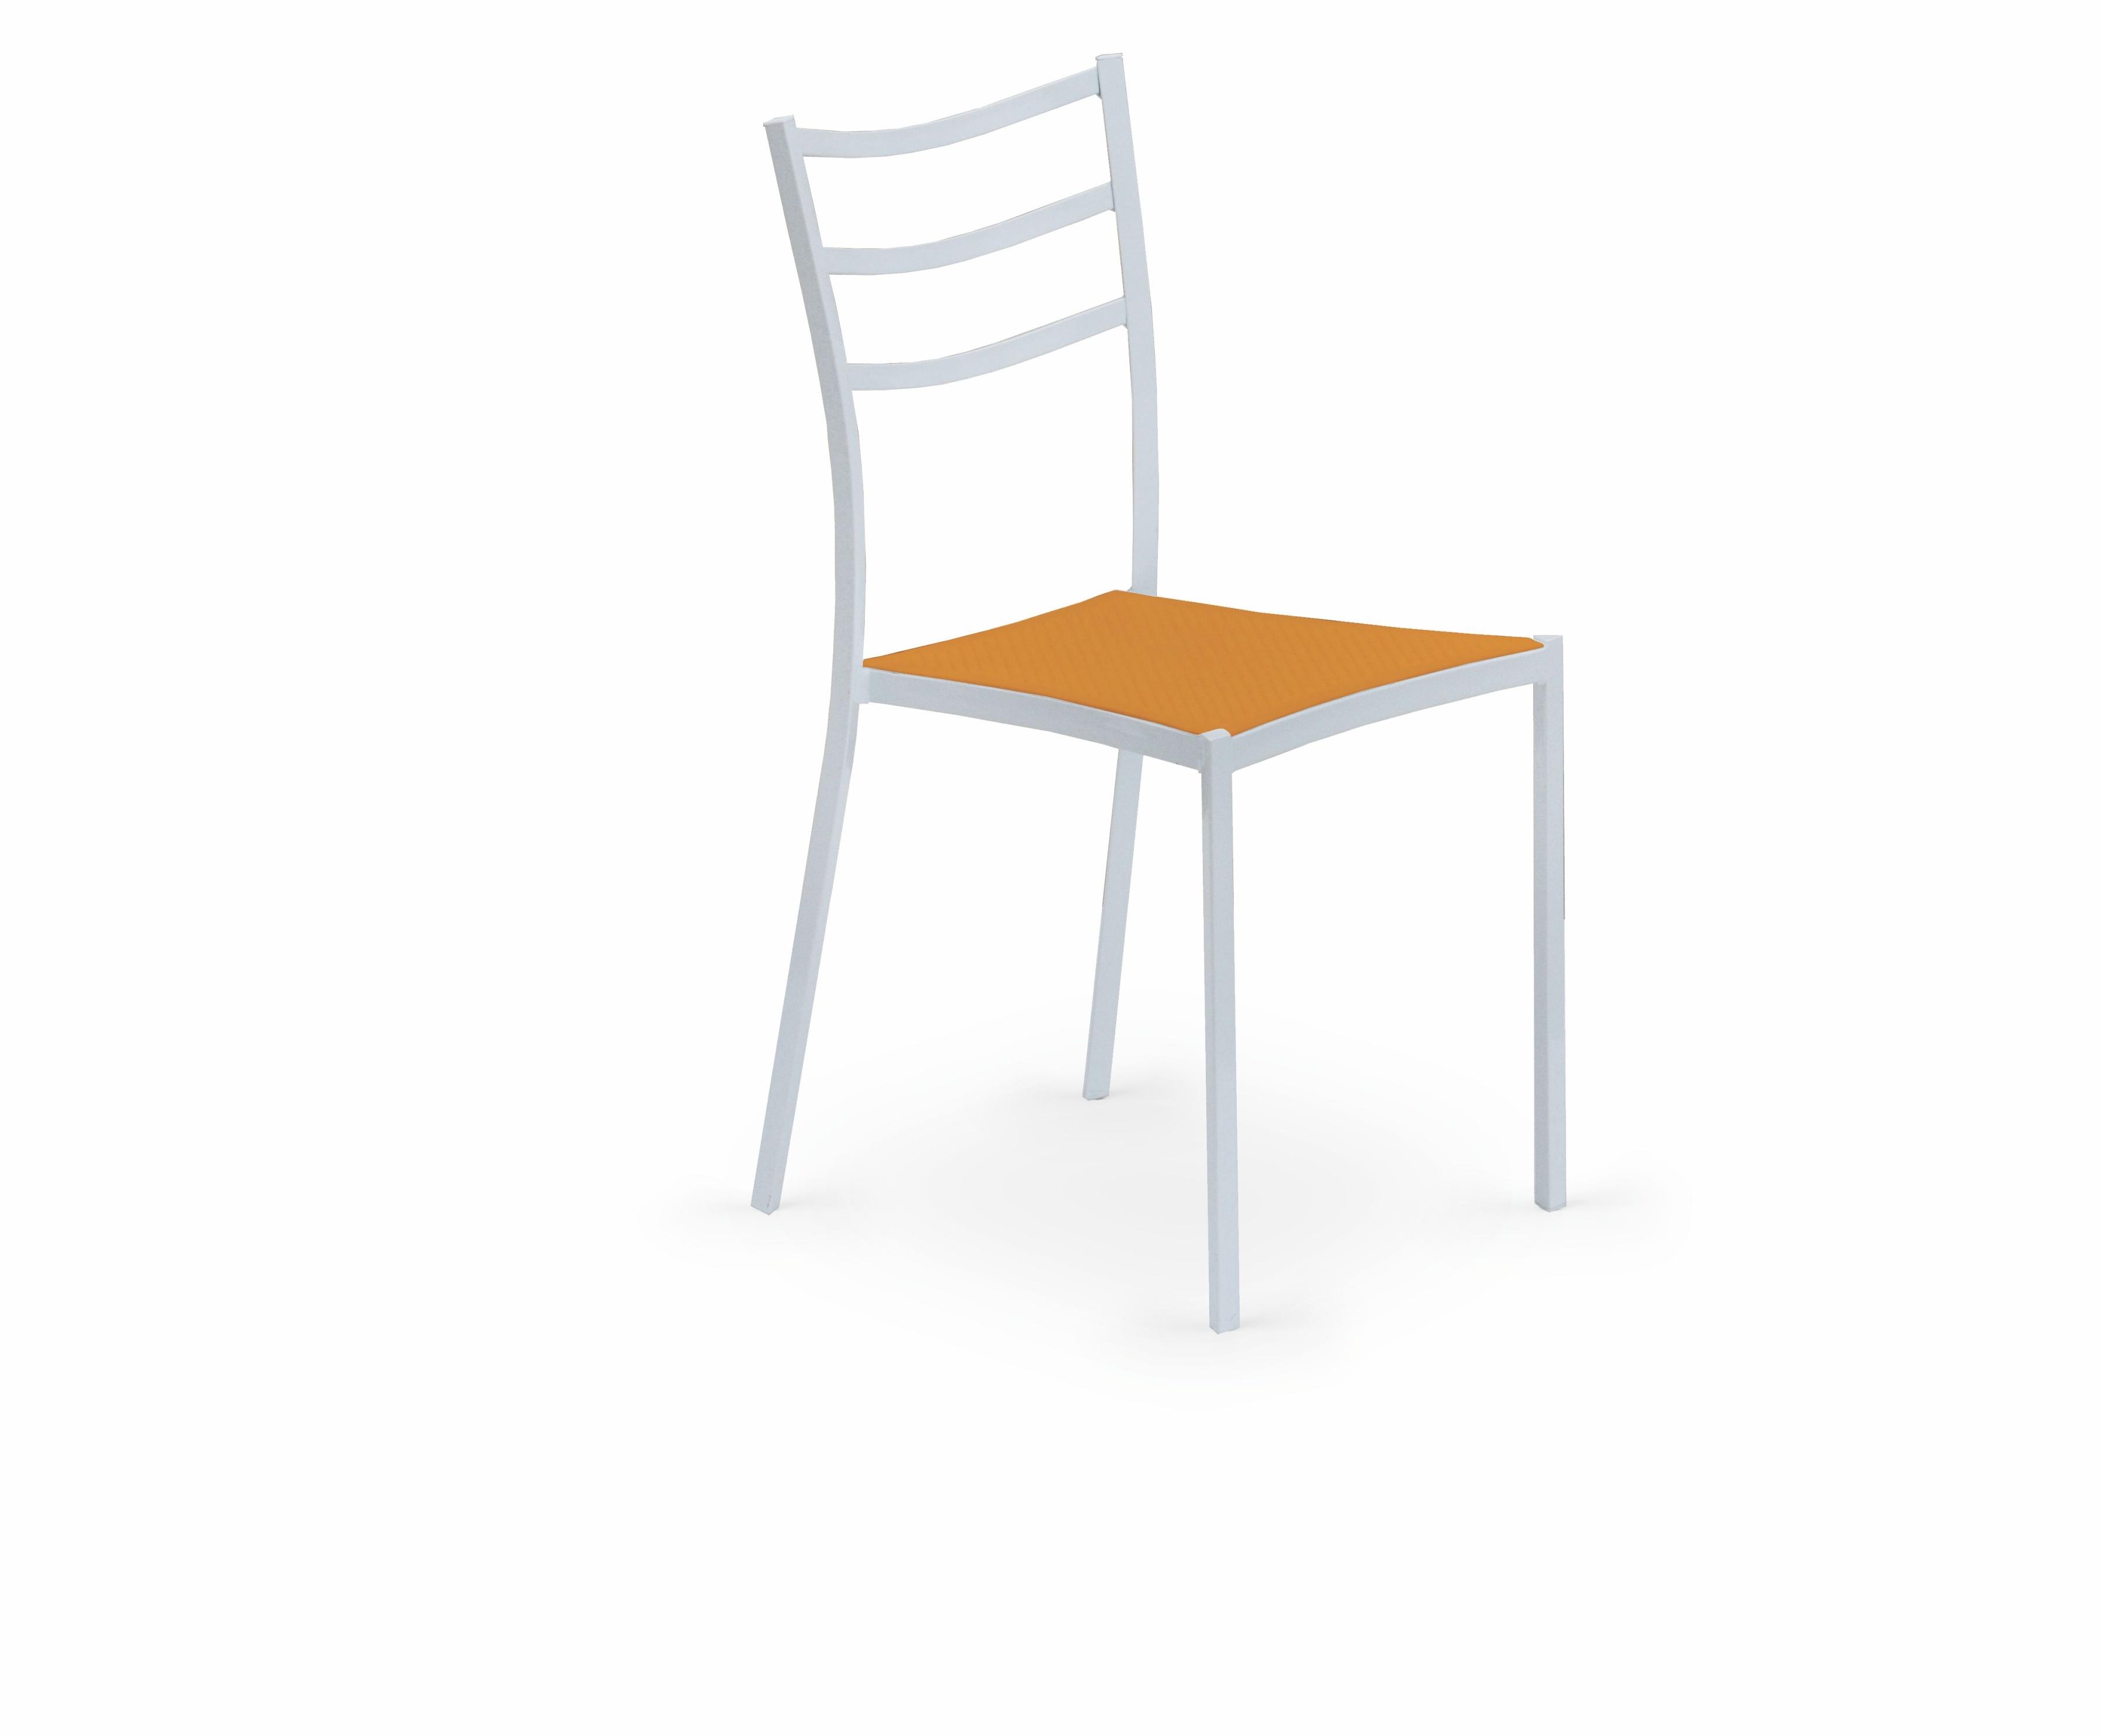 Jedálenská stolička - Halmar - K 159 biela + pomarančová